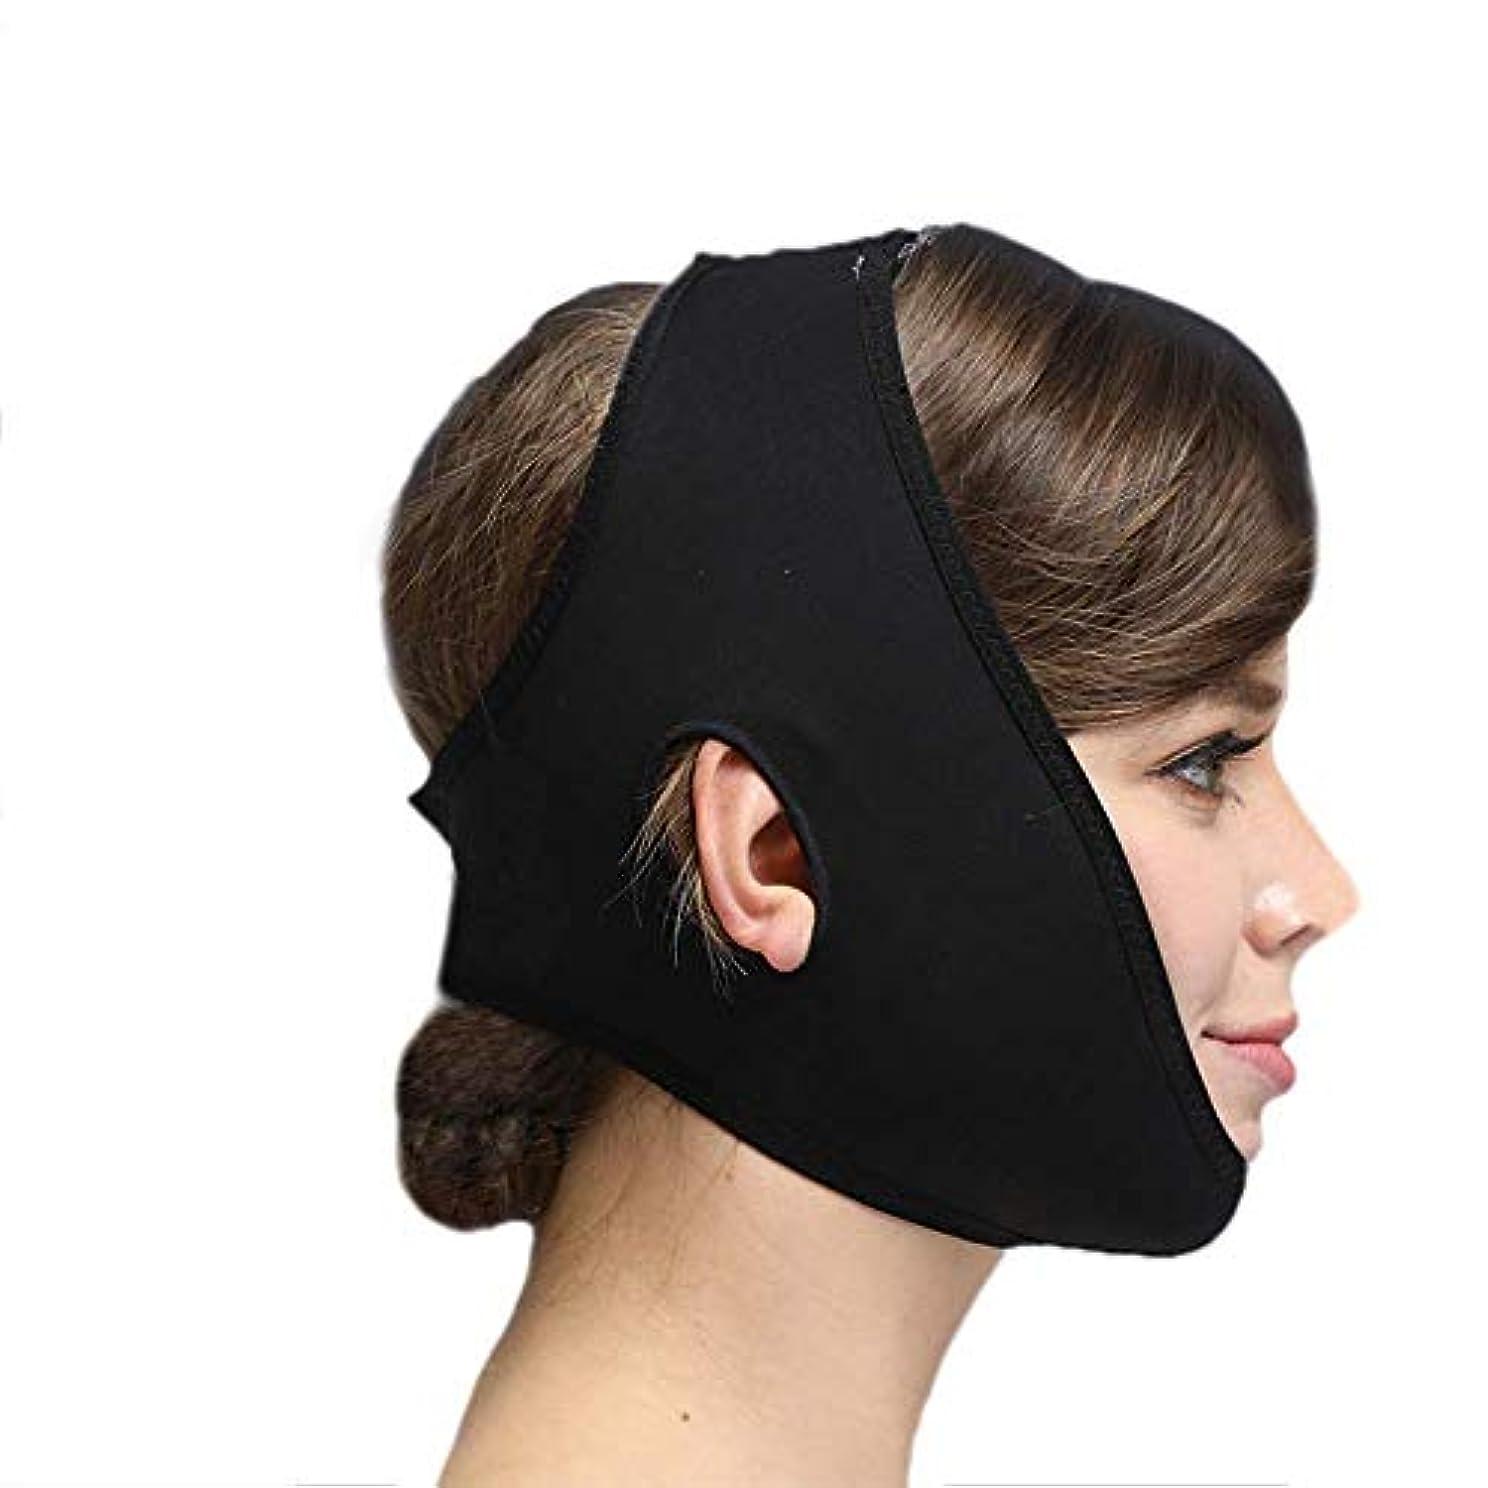 涙繕う弱点フェイススリミングマスク、快適さと通気性、フェイシャルリフティング、輪郭の改善された硬さ、ファーミングとリフティングフェイス(カラー:ブラック、サイズ:XL),ブラック2、XL